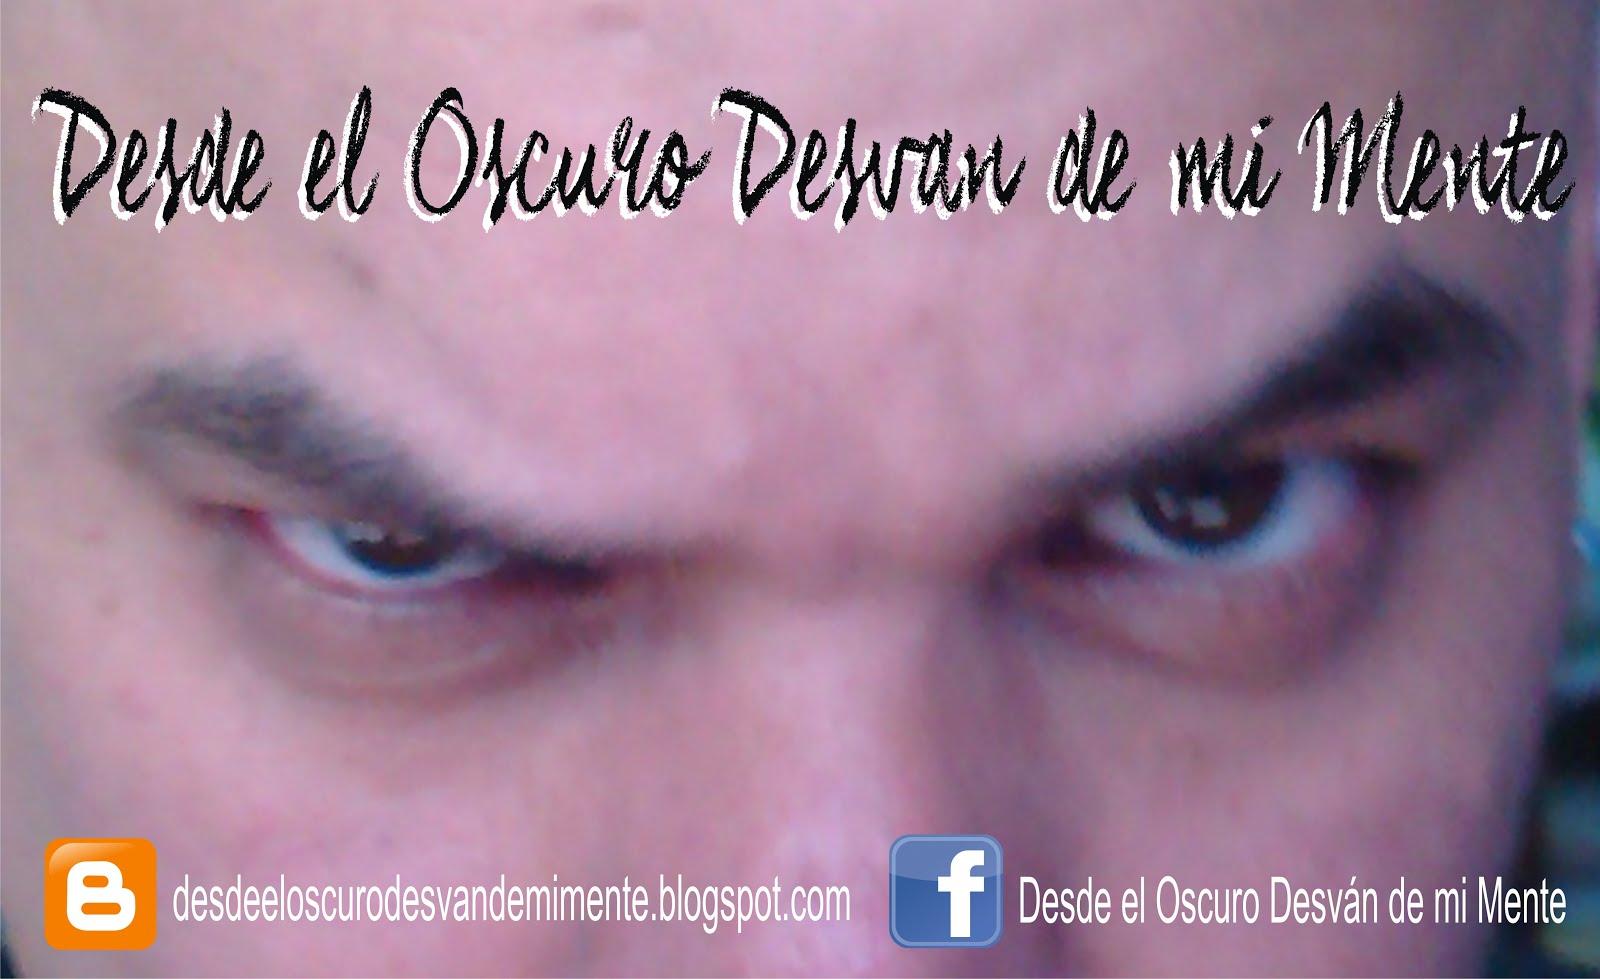 Blog Desde el Oscuro Desván de mi Mente